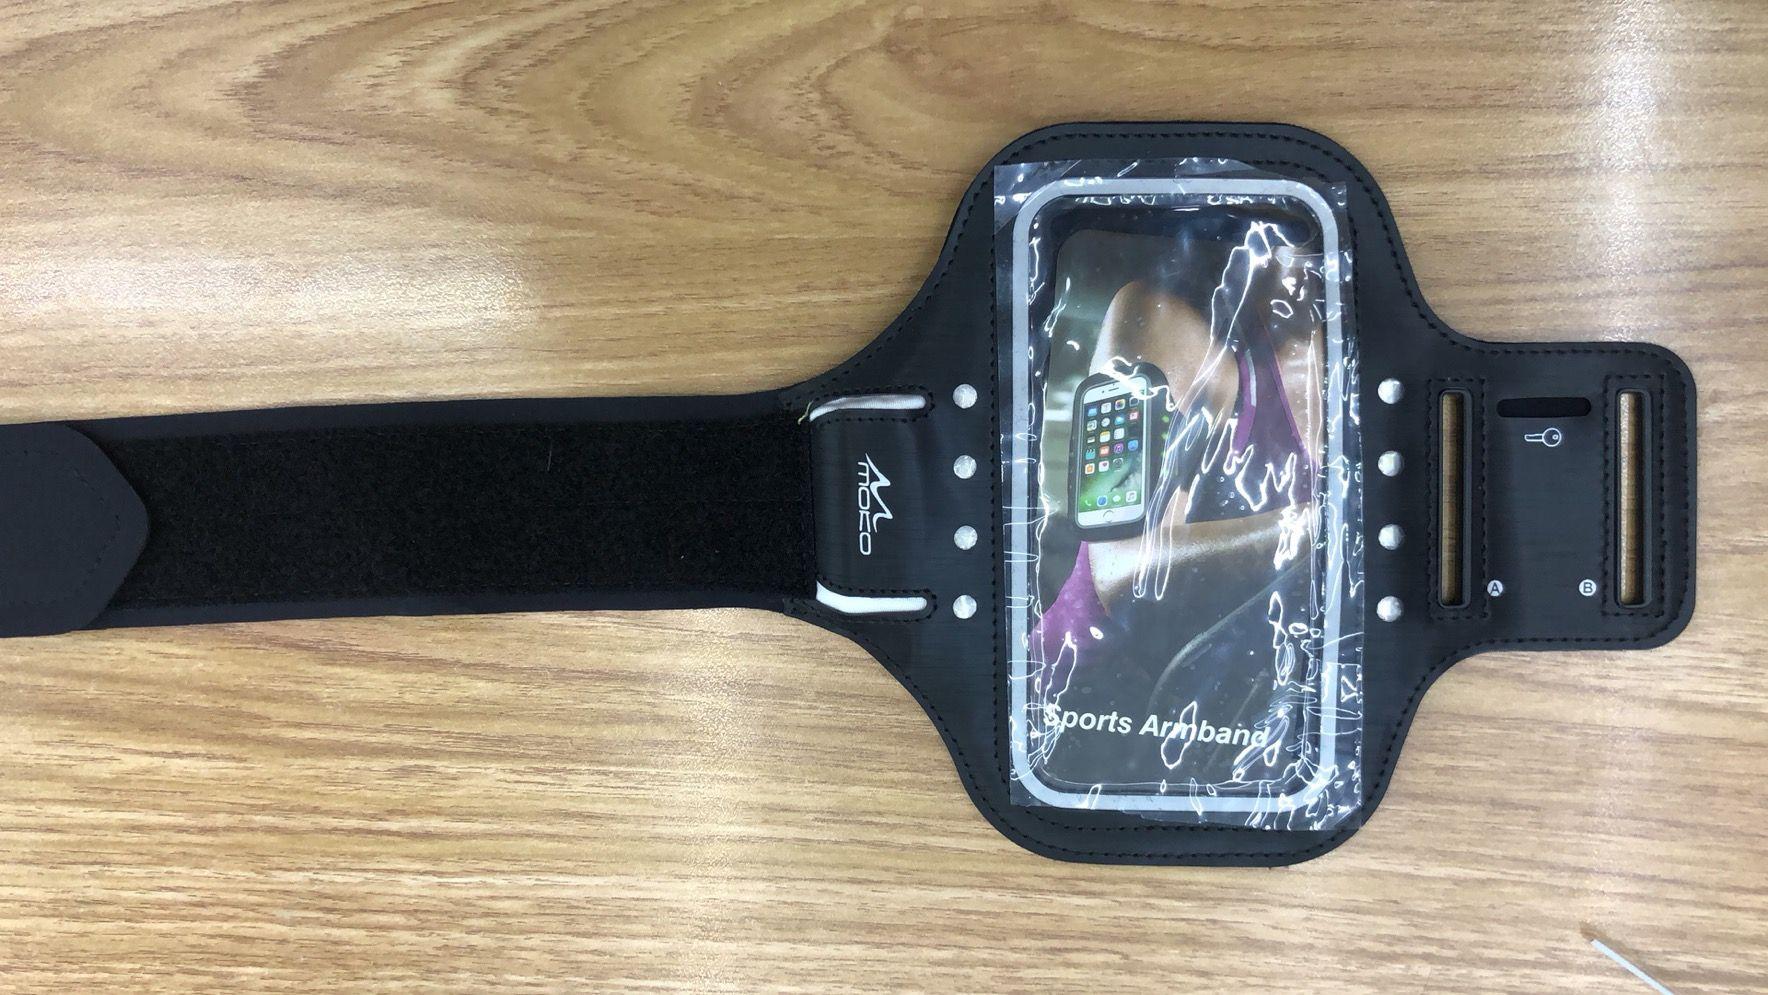 自发电LED手机臂带,黑科技大屏幕手机臂带,运动手机臂包 手机袋